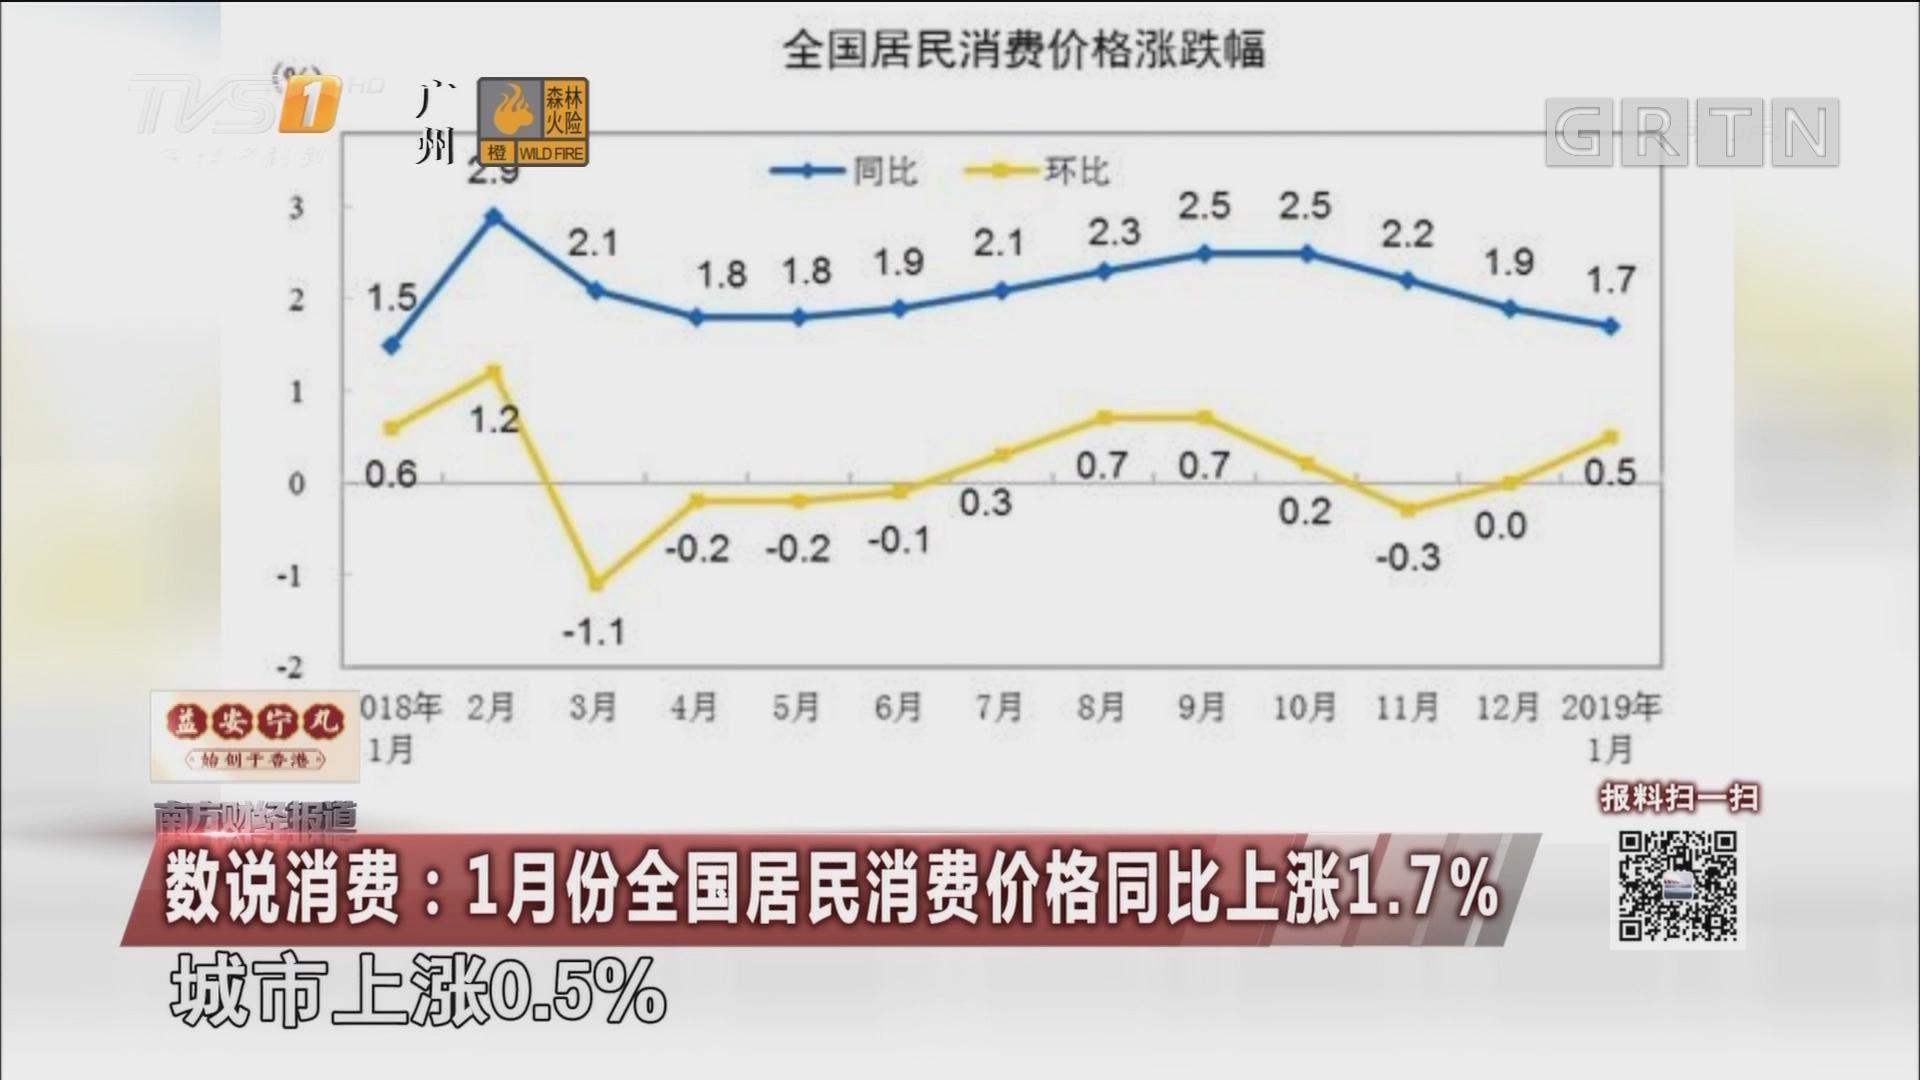 数说消费:1月份全国居民消费价格同比上涨1.7%